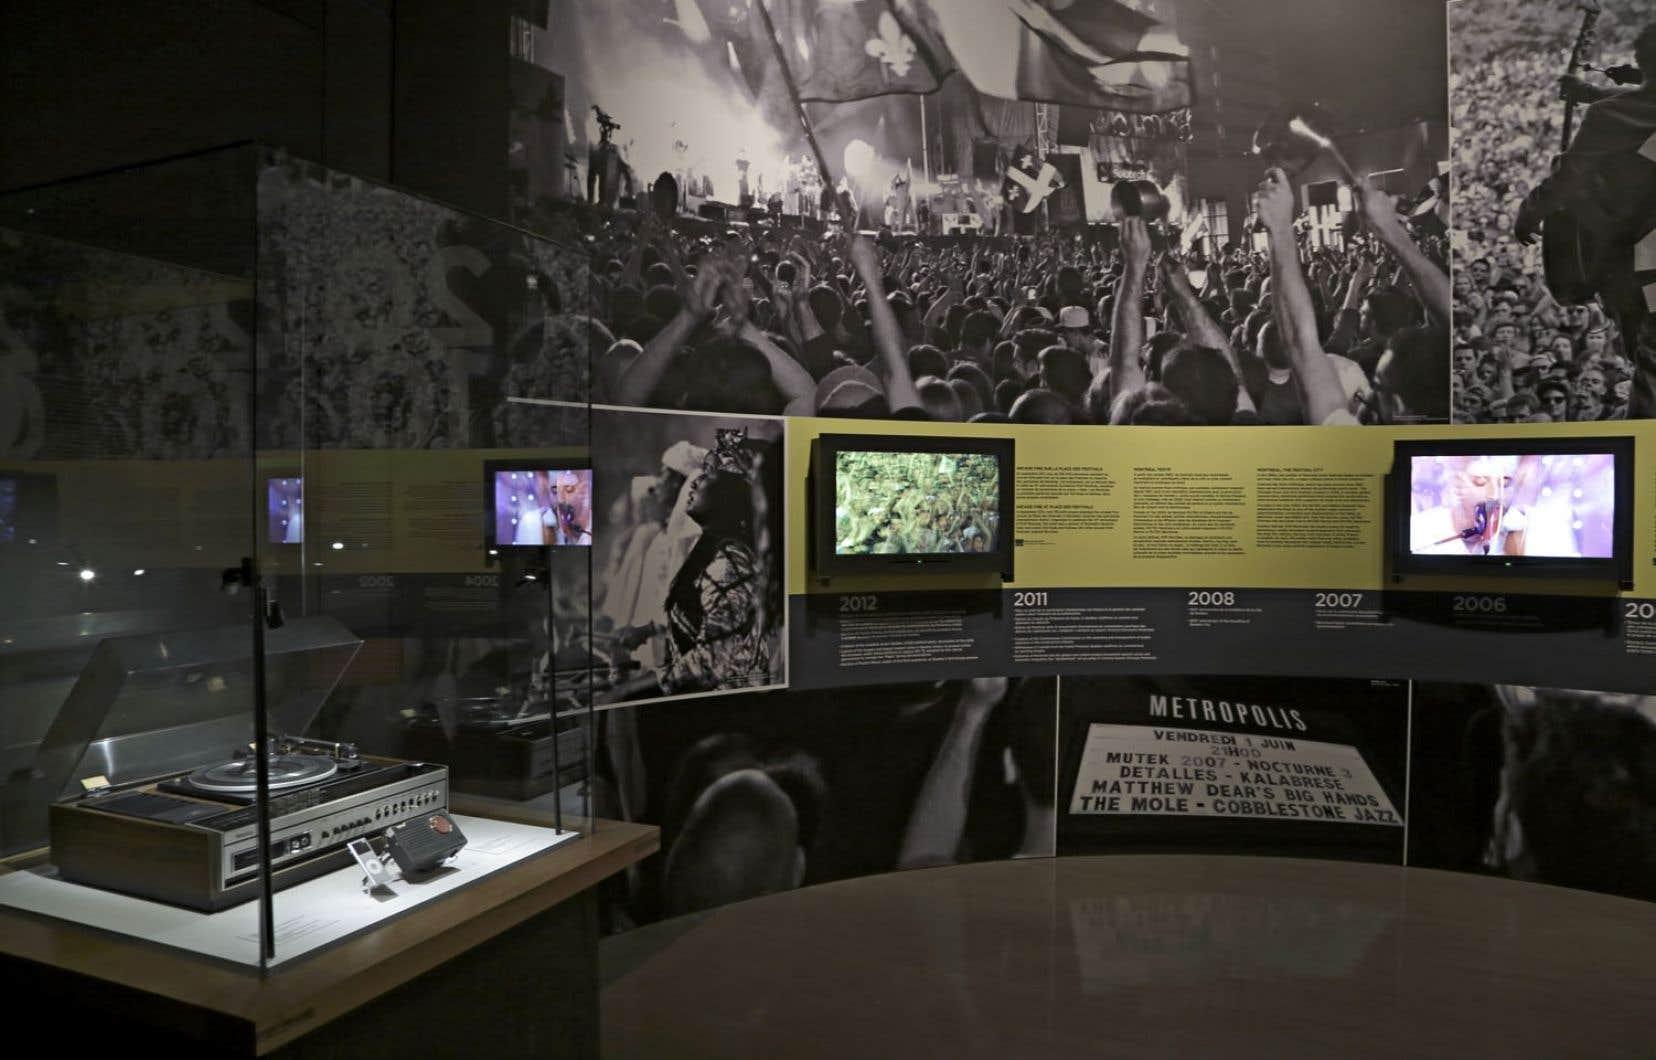 Une vue de l'exposition Musique – Le Québec de Charlebois à Arcade Fire au Musée McCord.